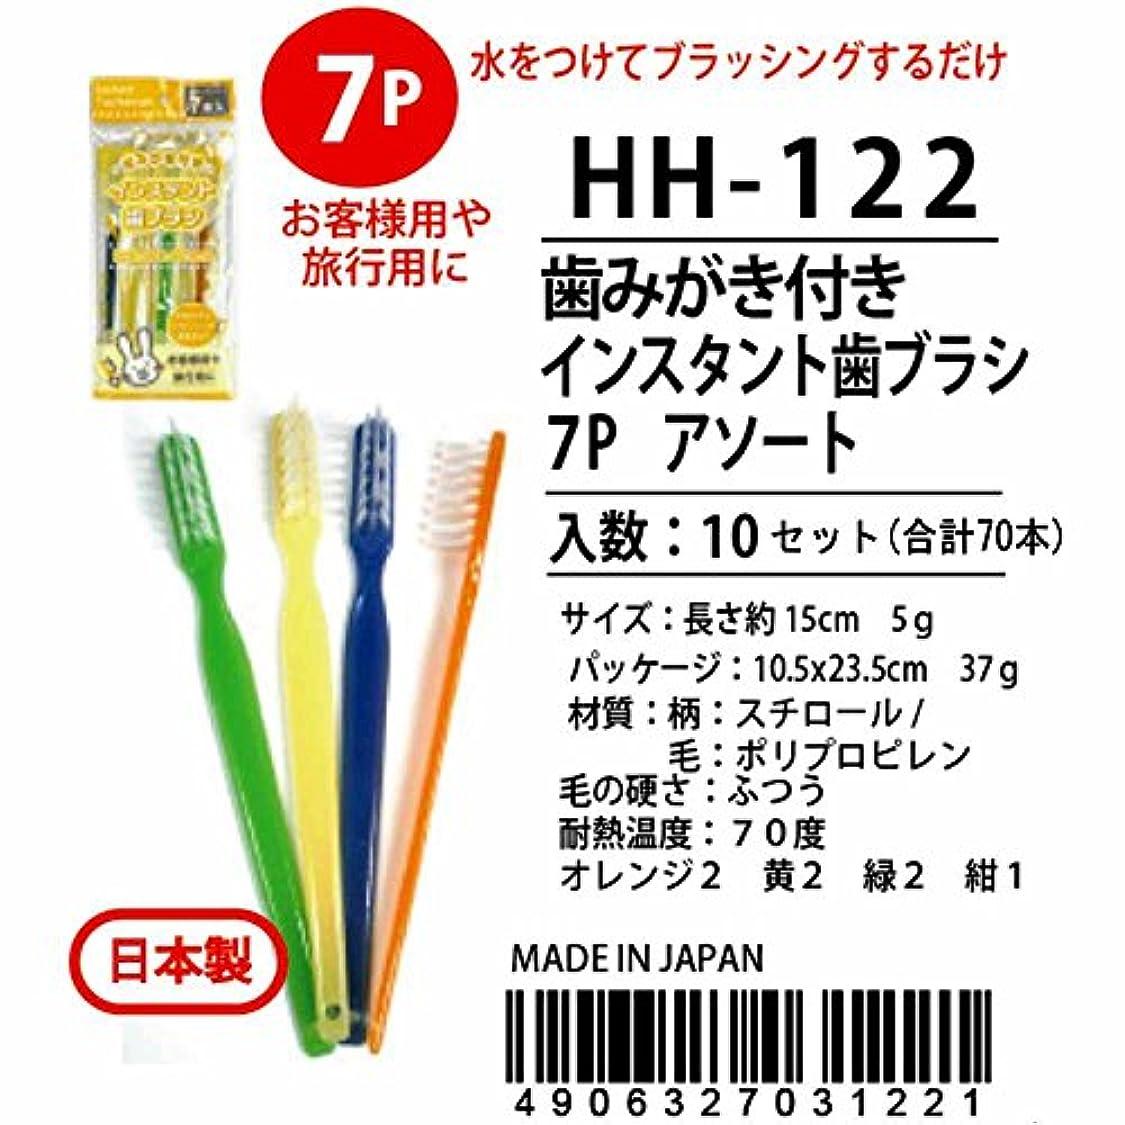 大胆不敵定説広くスバル 歯みがき付きインスタント歯ブラシ7P アソート HH-122 【まとめ買い10個セット】